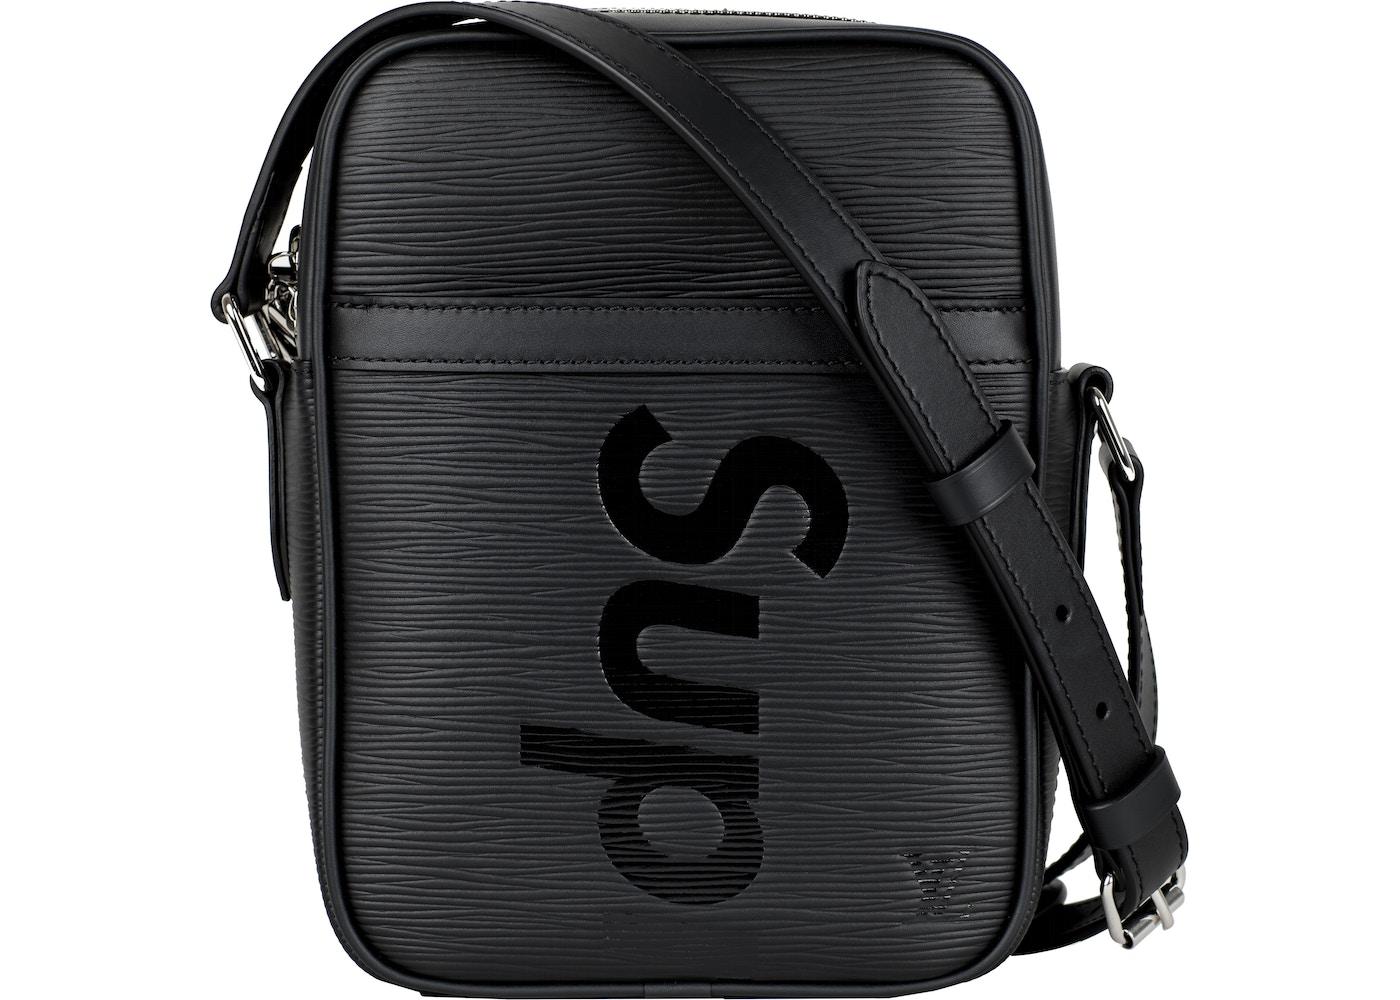 famosa marca de diseñador grande descuento venta Precio de fábrica 2019 Louis Vuitton x Supreme Danube Epi PM Black